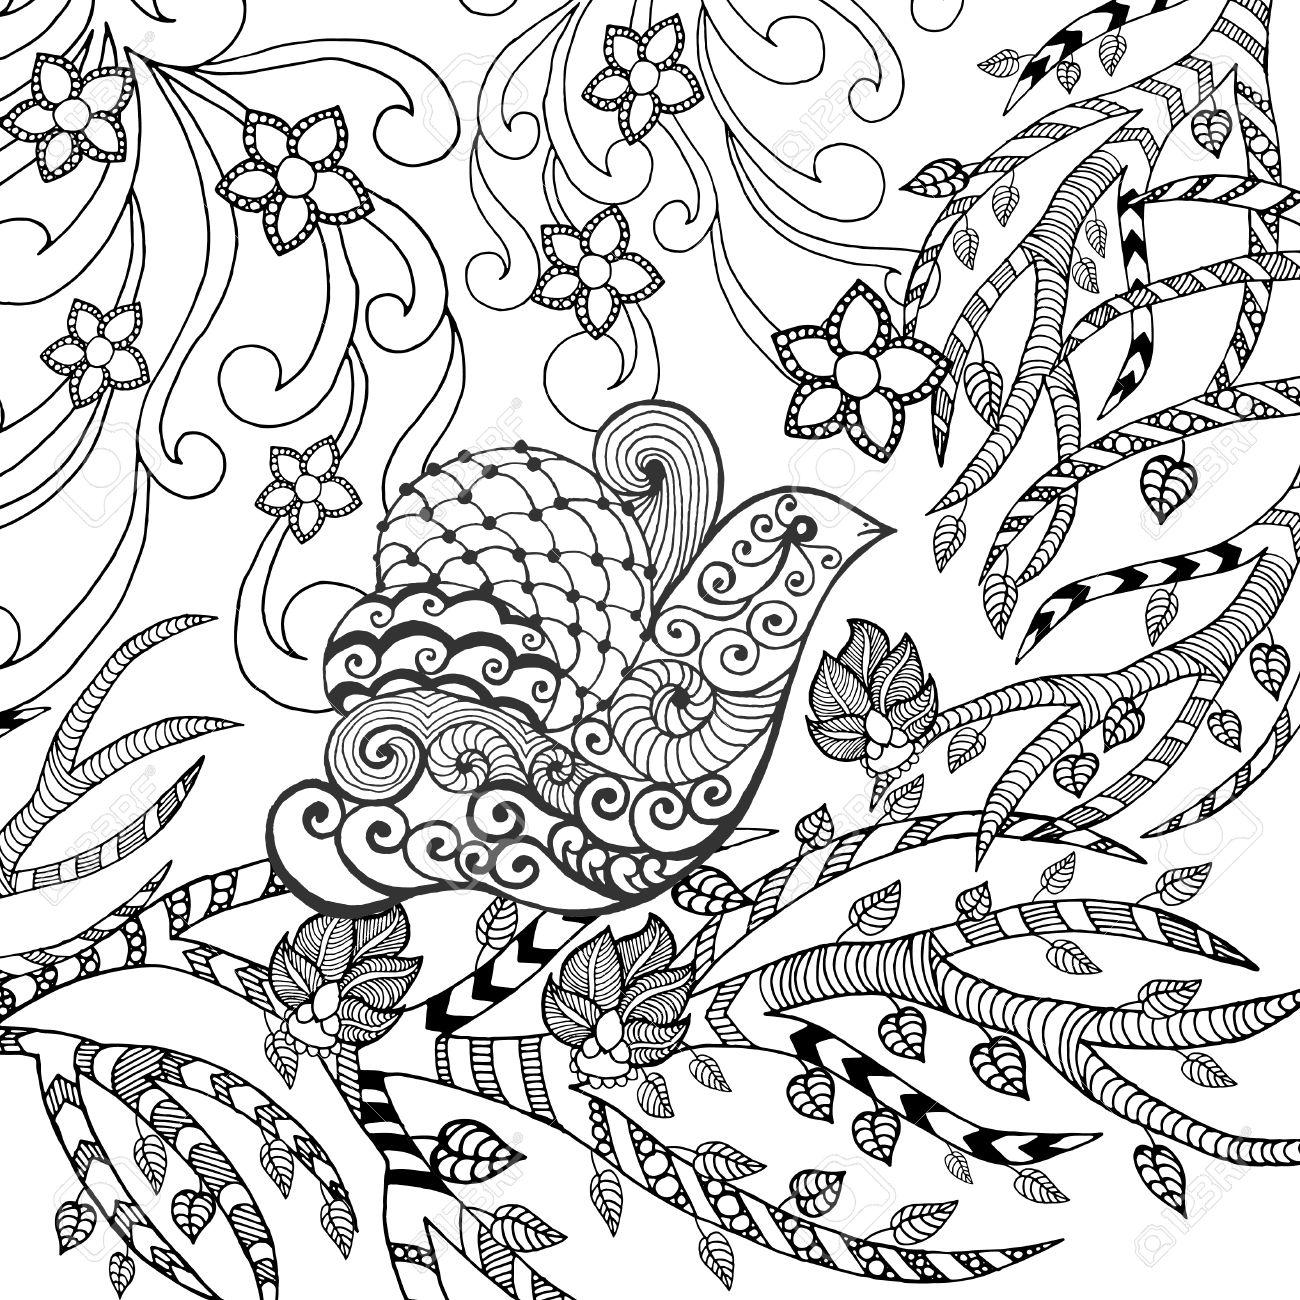 bird in giardino fiorito. animali. a mano doodle. etnico ... - Giardino Fiorito Disegno